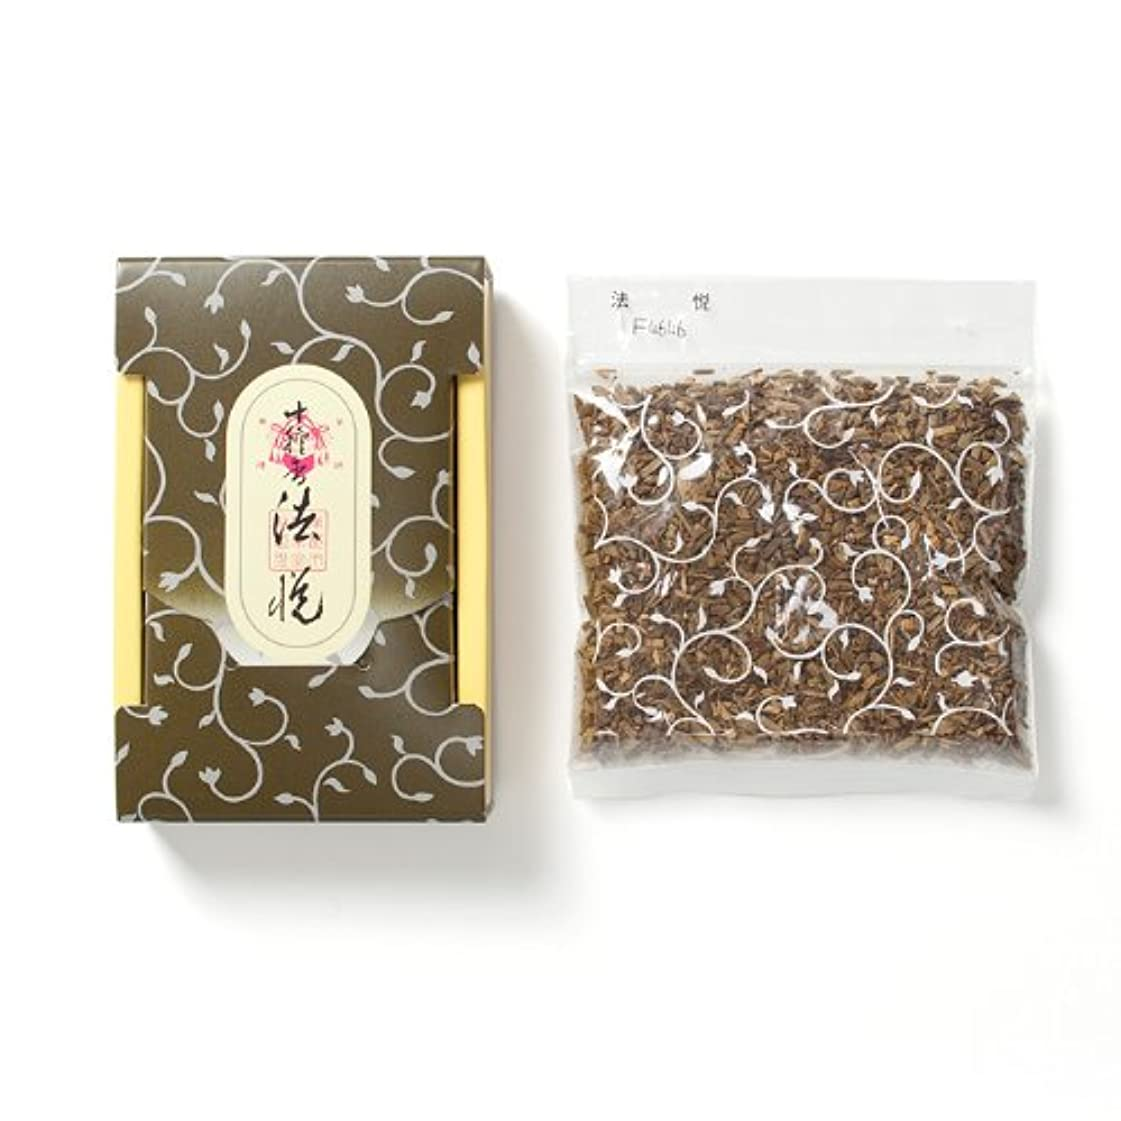 リベラルプロフィール病者松栄堂のお焼香 十種香 法悦 25g詰 小箱入 #411041